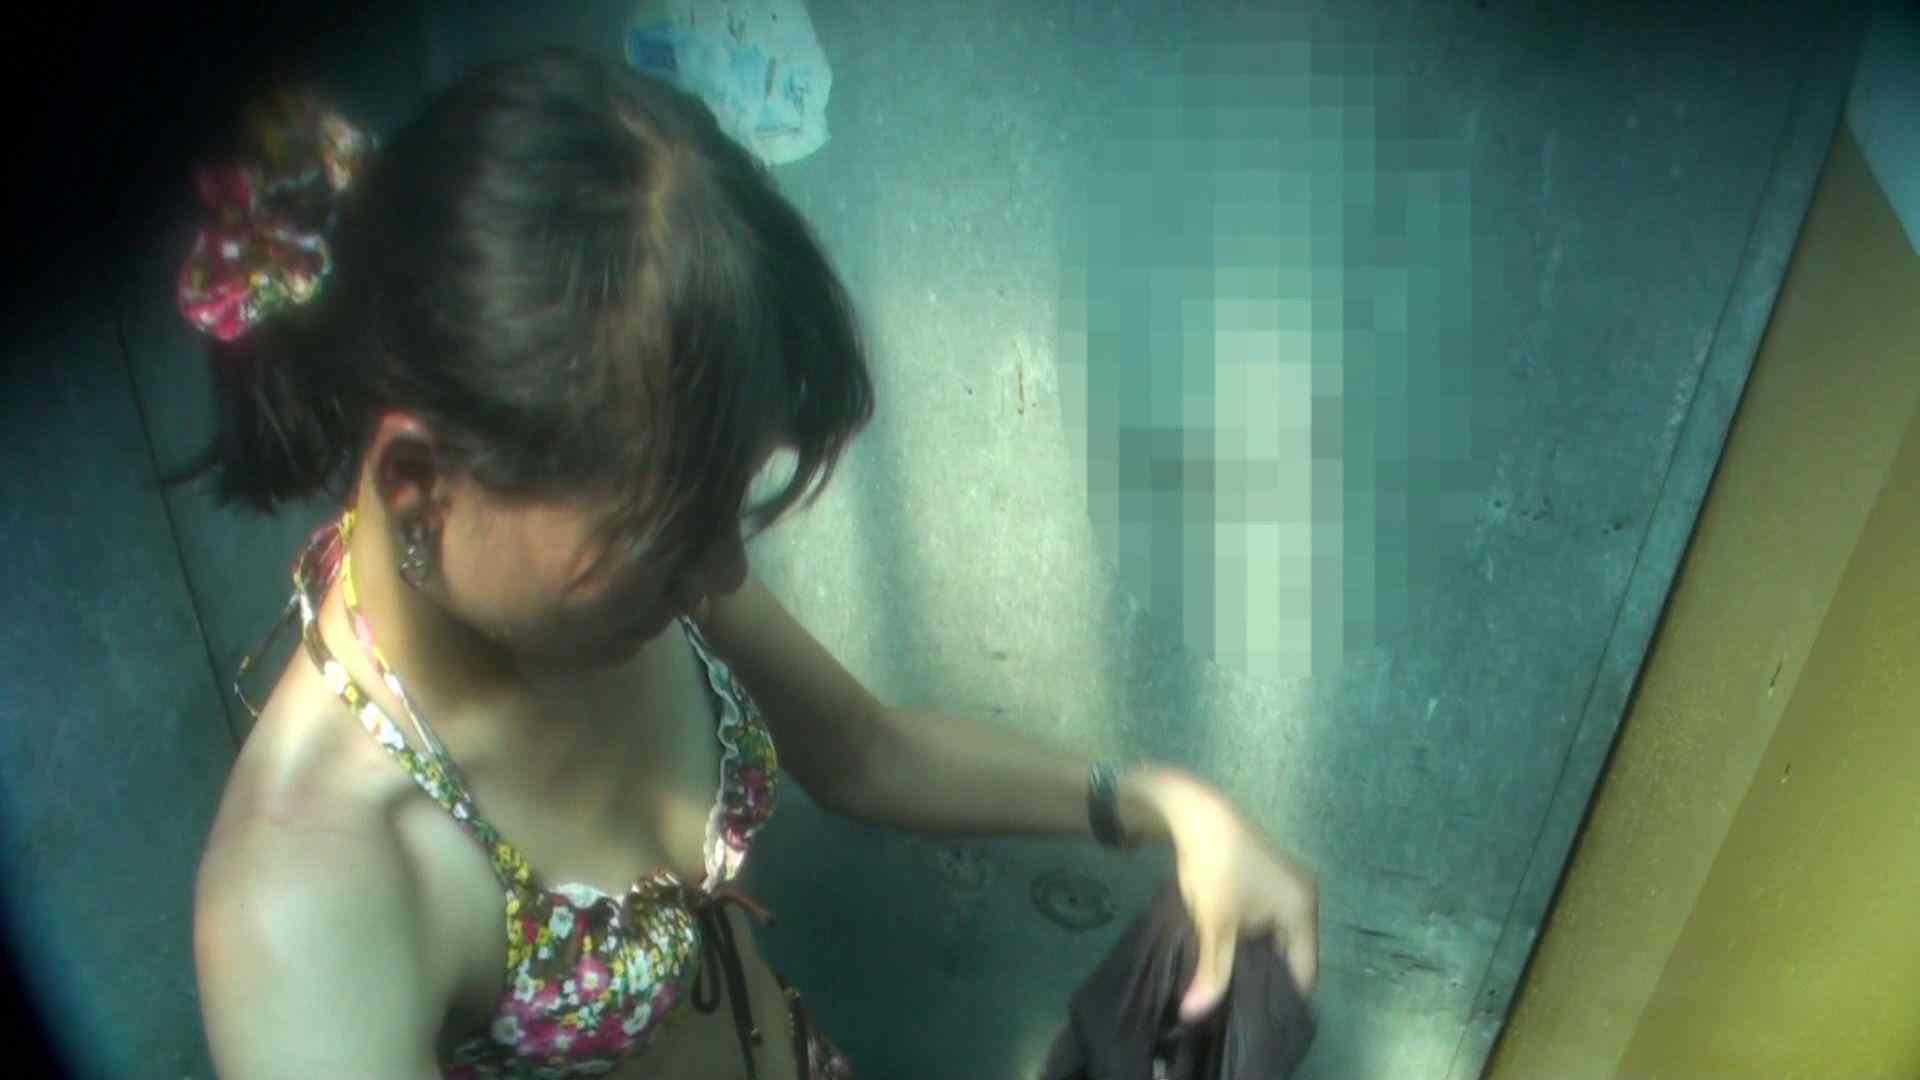 シャワールームは超!!危険な香りVol.16 意外に乳首は年増のそれ シャワー 盗撮オメコ無修正動画無料 61pic 50